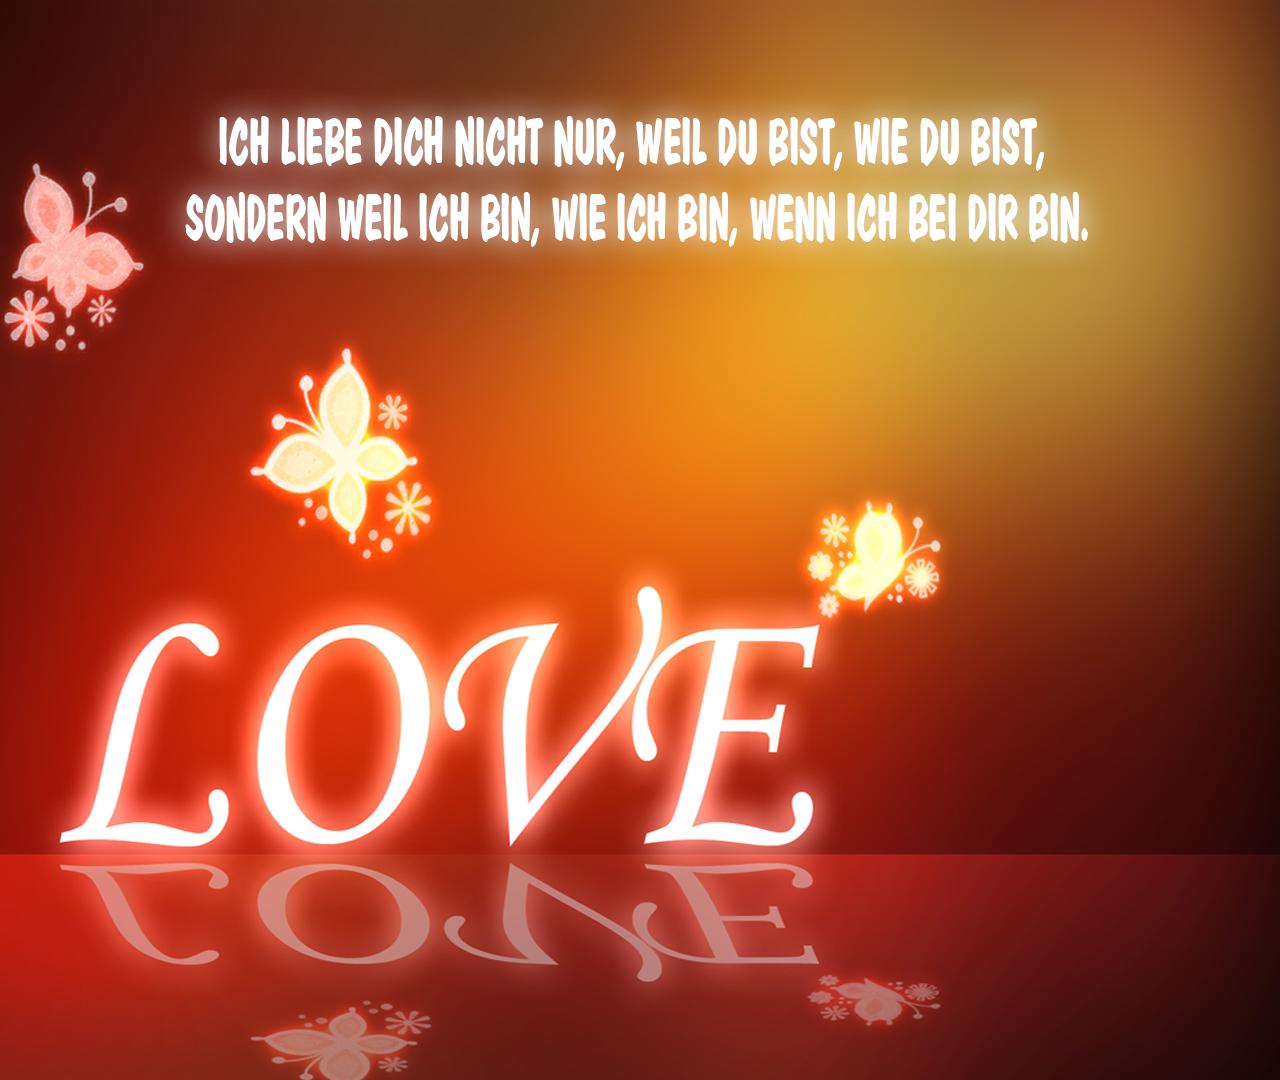 Liebesbilder und Liebessprüche: Liebesgedichte - Bilder